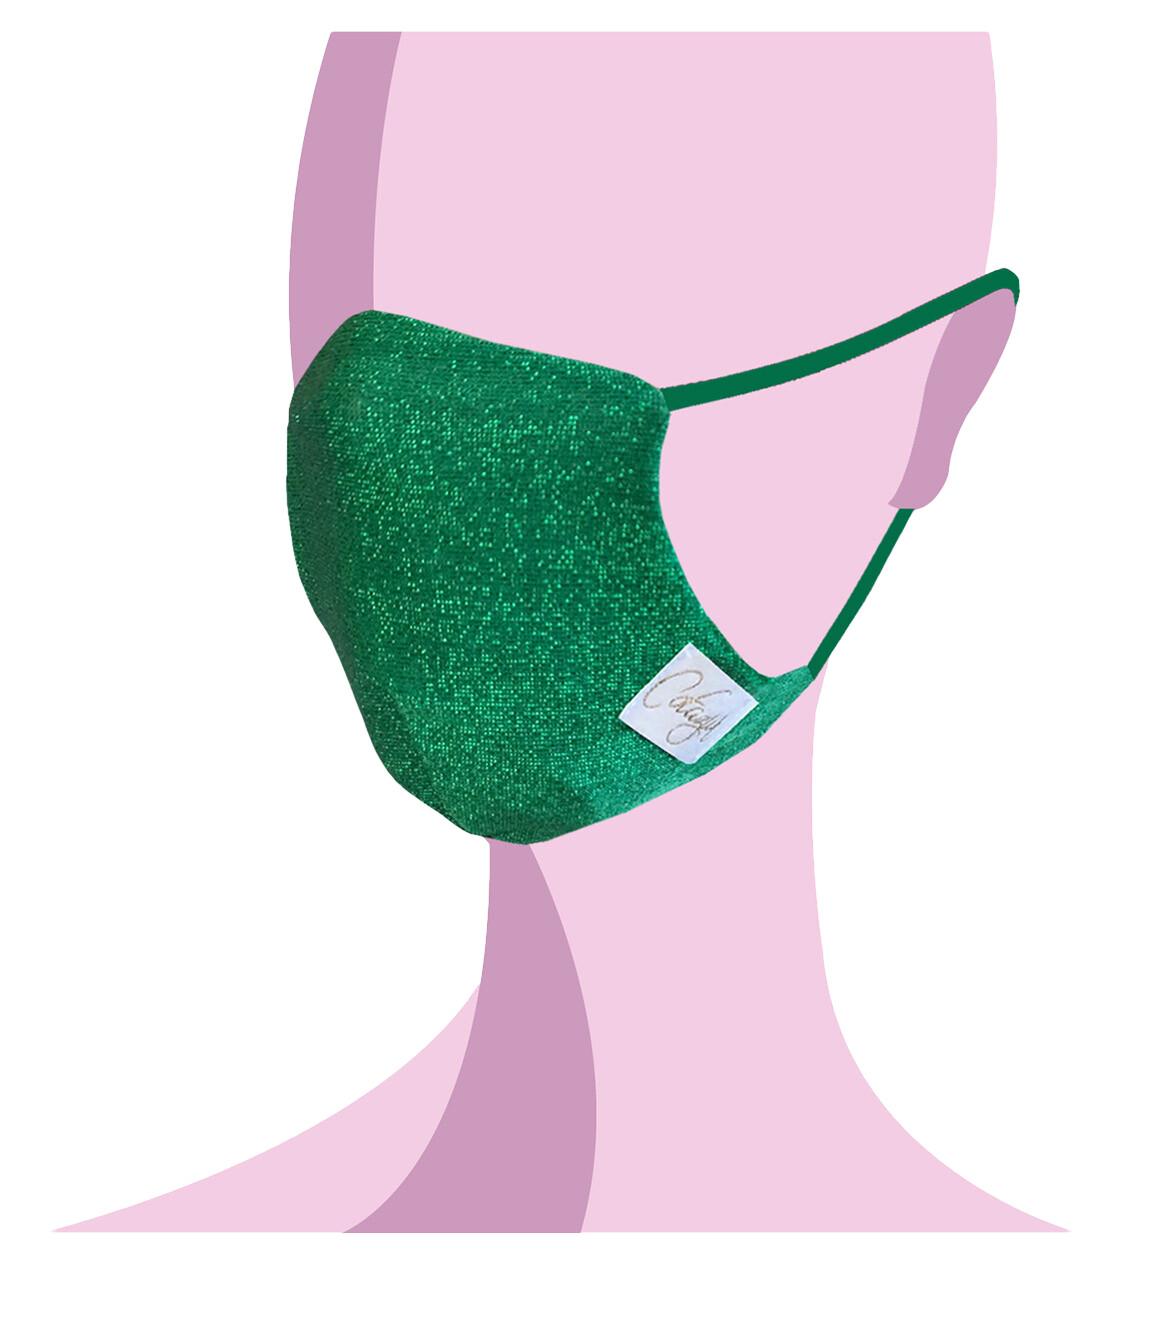 COTAZUR - Mask for Summer - Lurex Verde